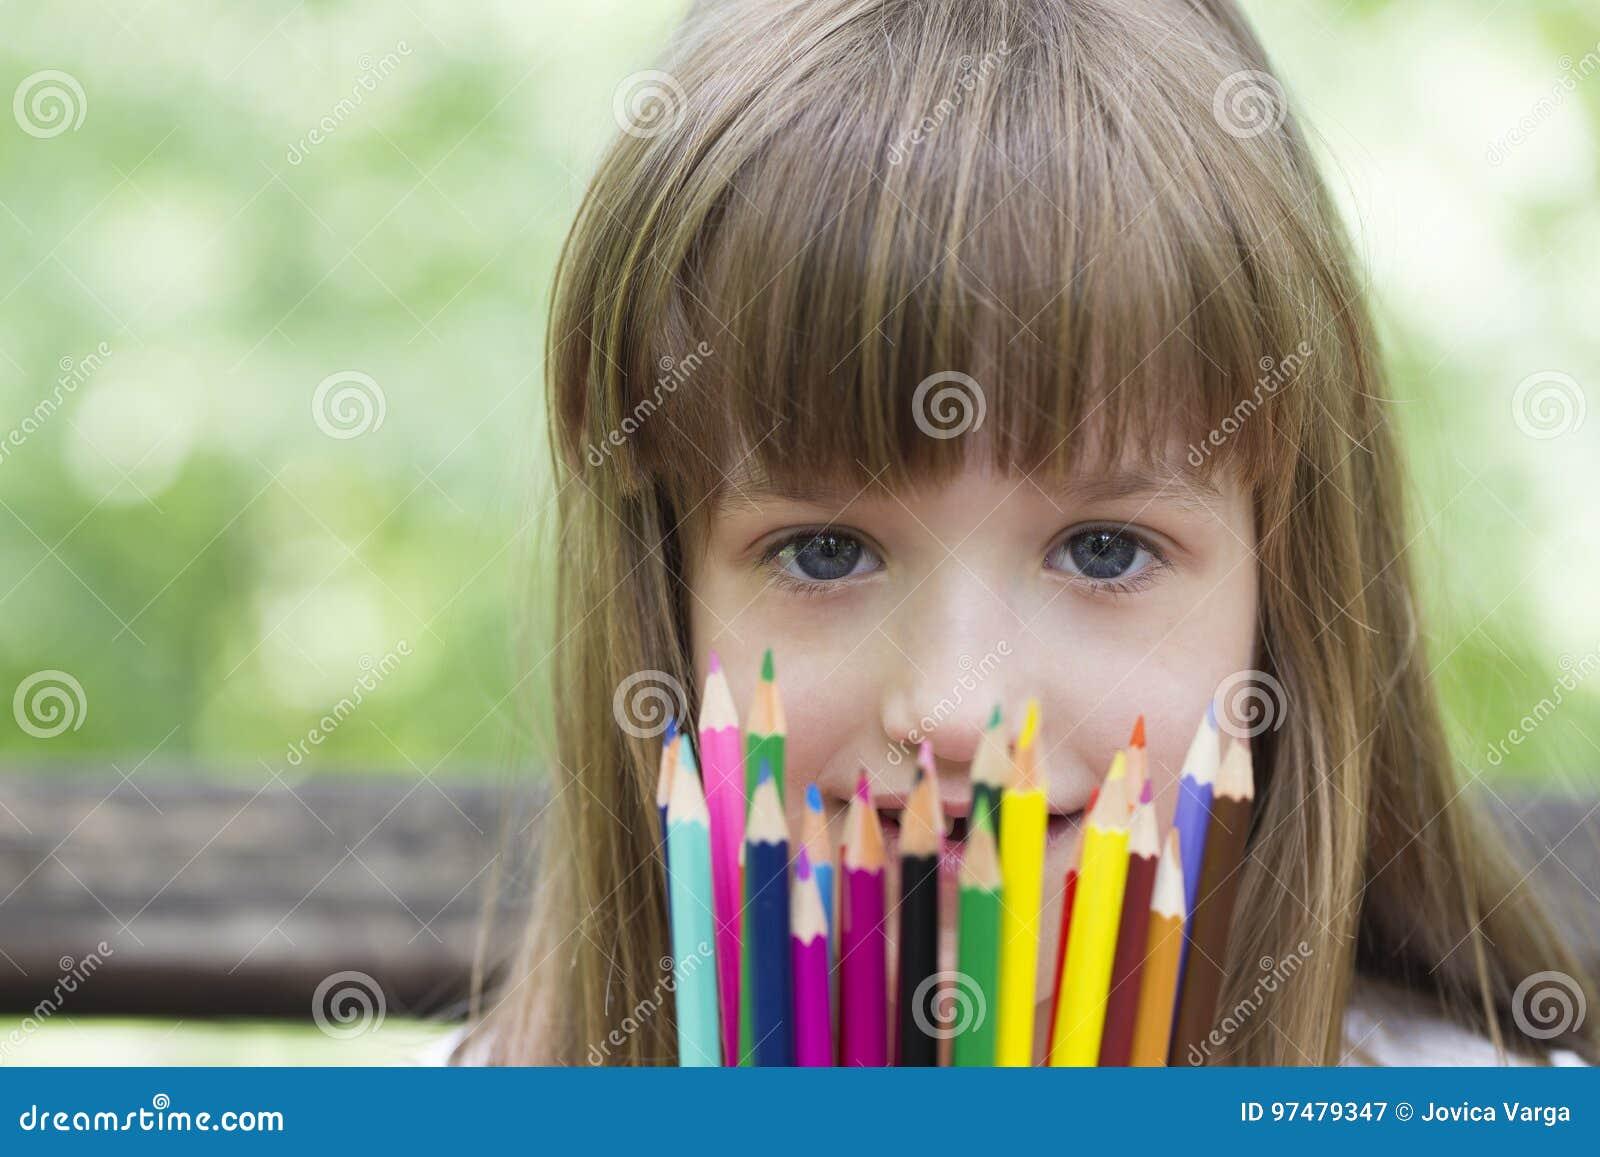 Ama disegnare e colorare con i pastelli